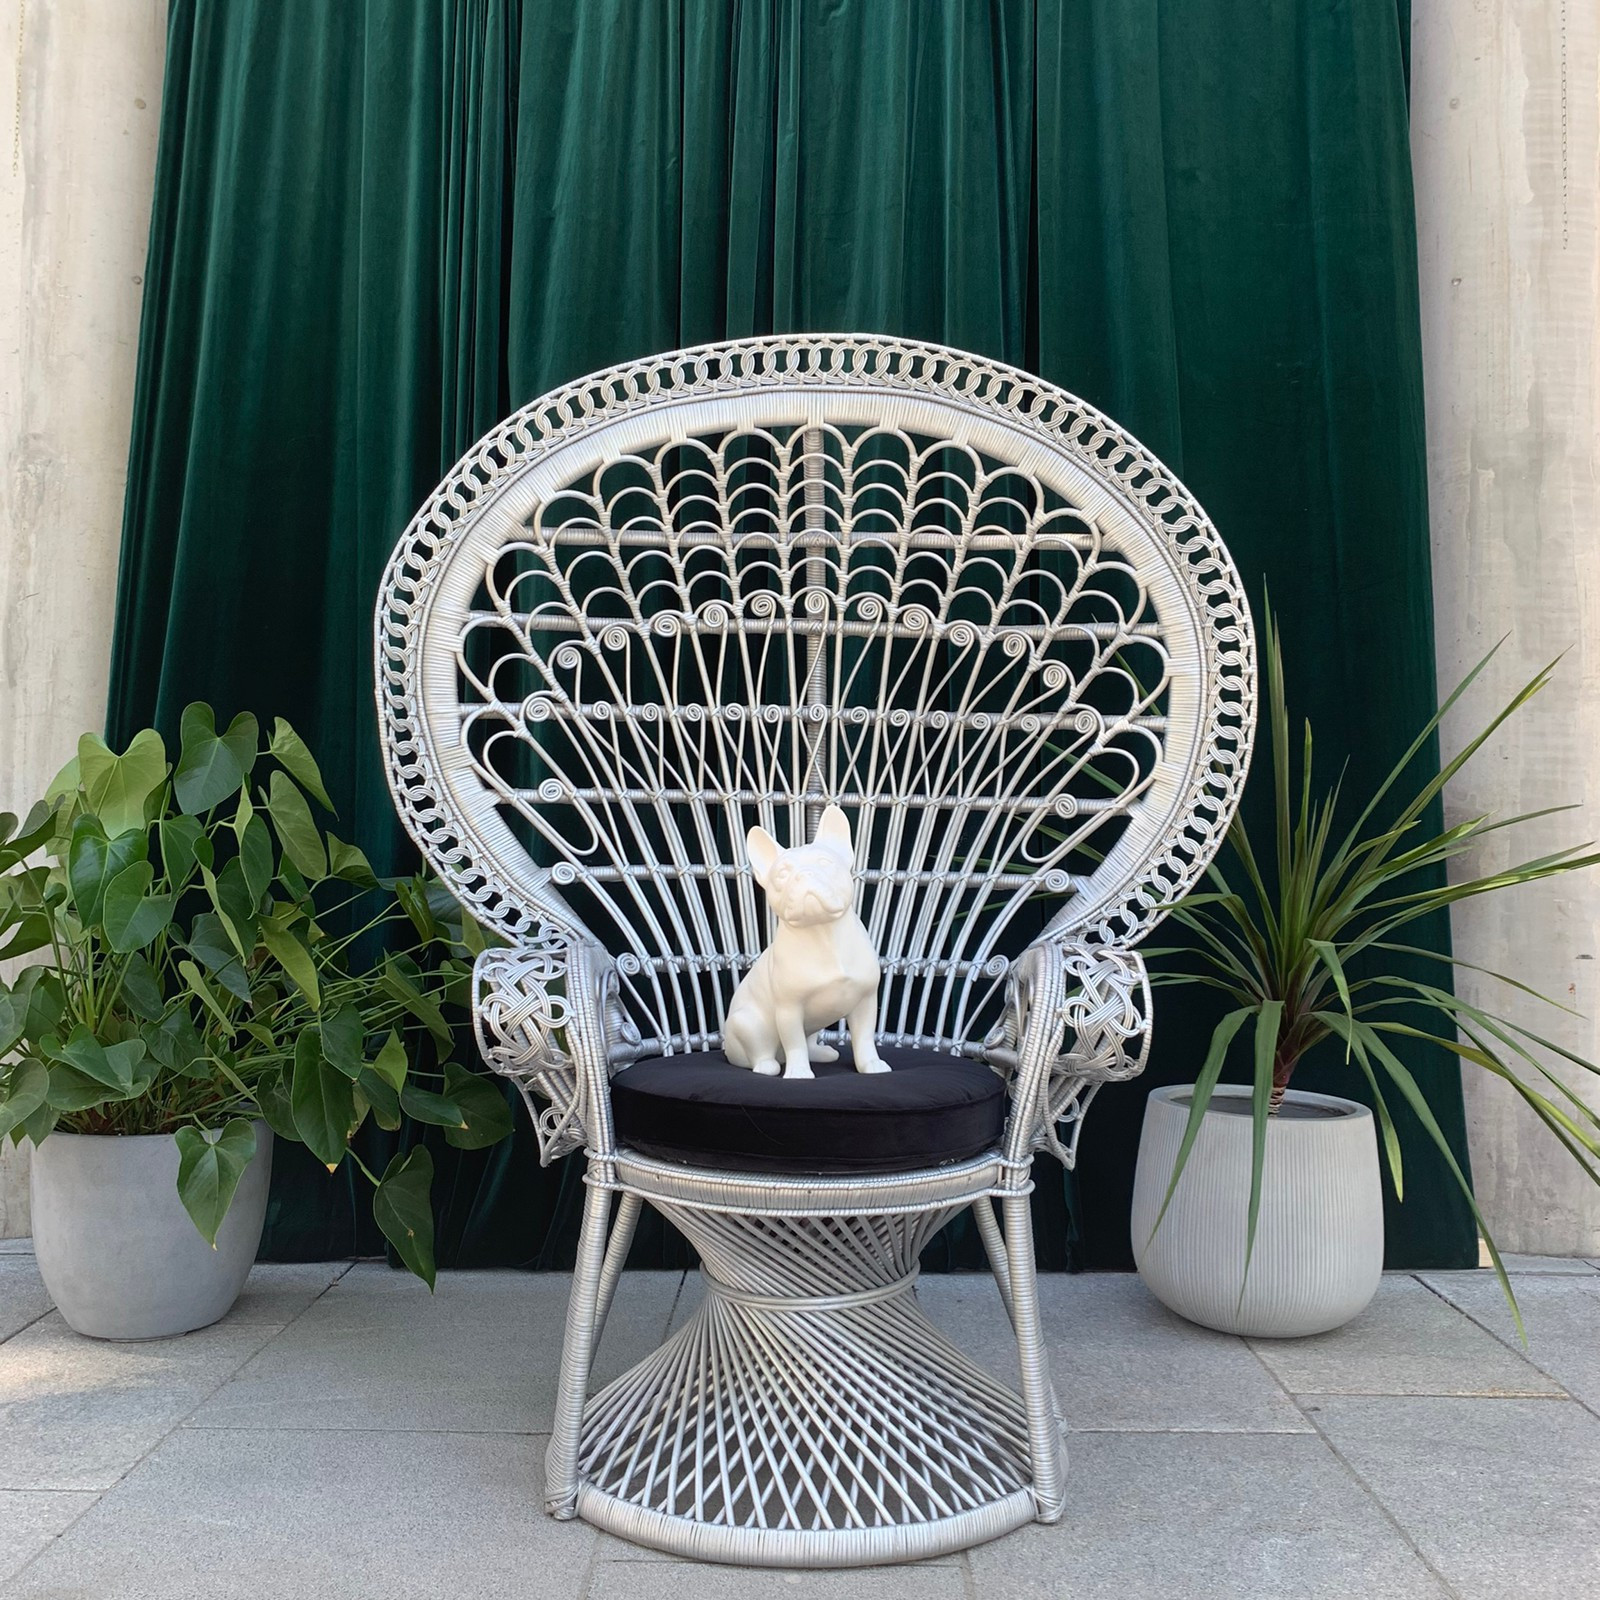 SALG! Påfuglstol Peacock stol i sølv | FINN.no